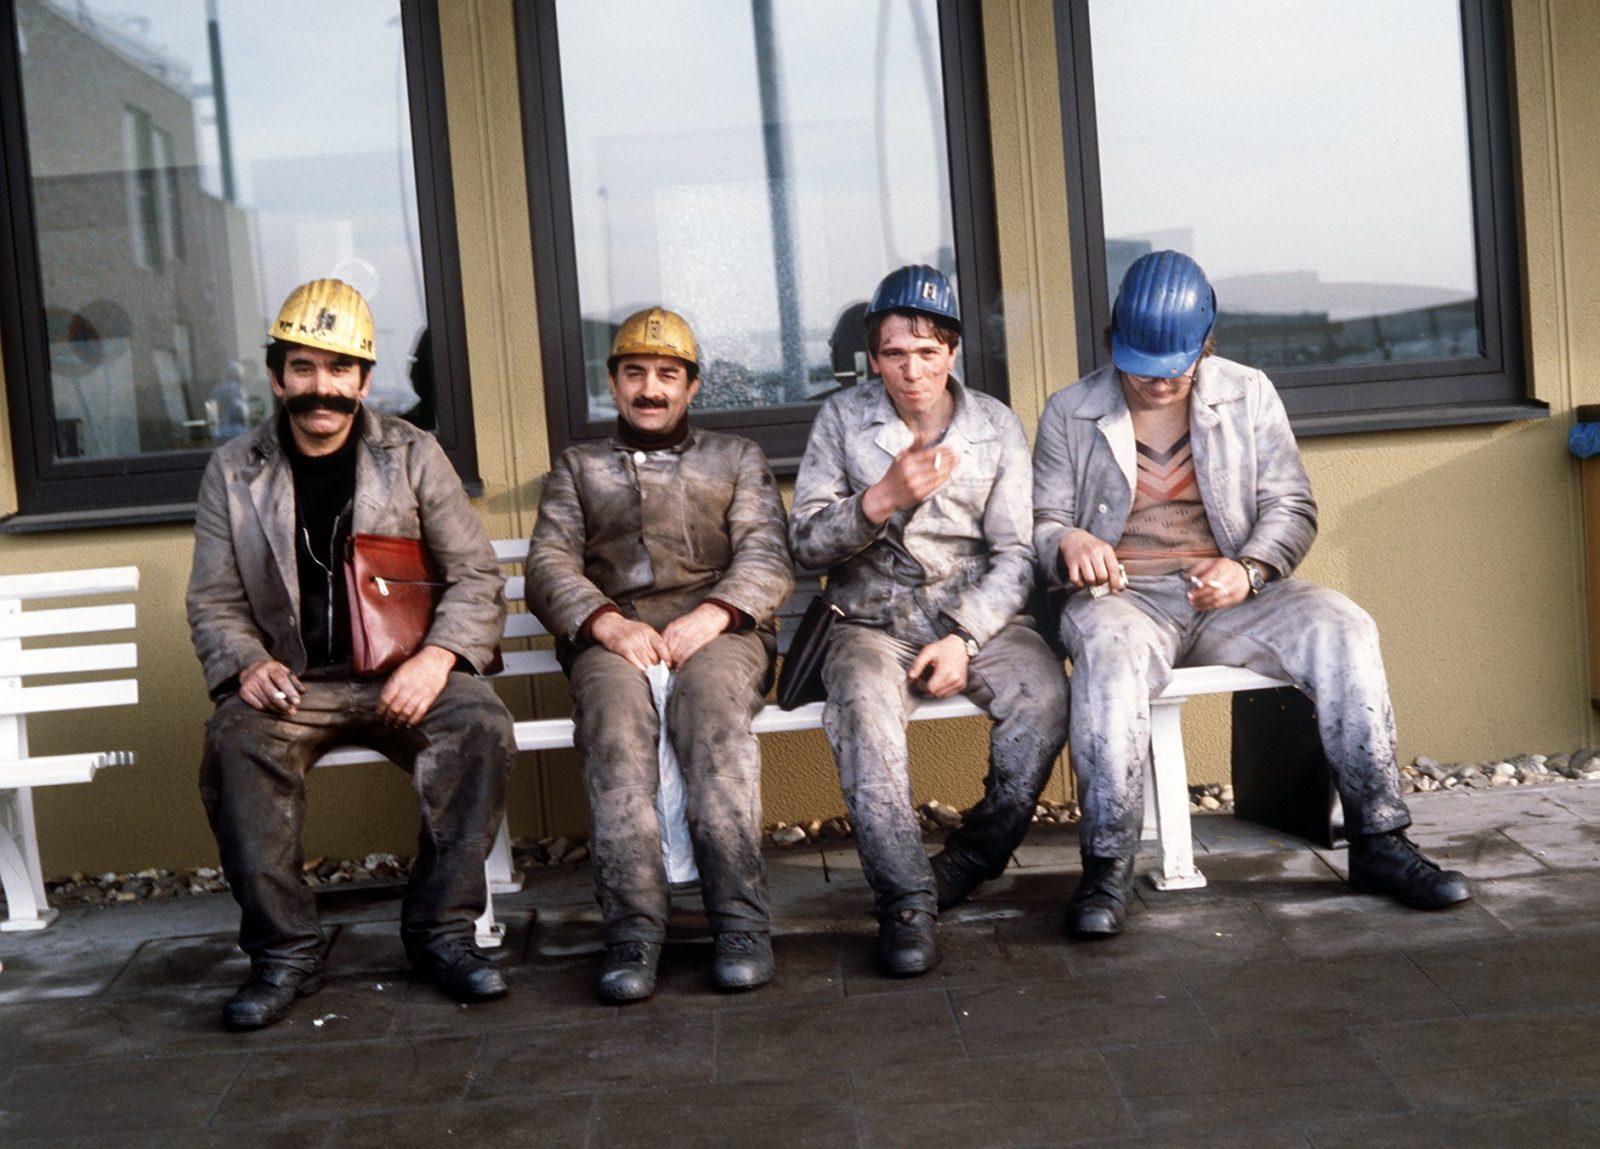 Türkische Gastarbeiter arbeiteten unter anderem im Bergbau (Archivbild) Foto: picture-alliance / dpa | Schulte